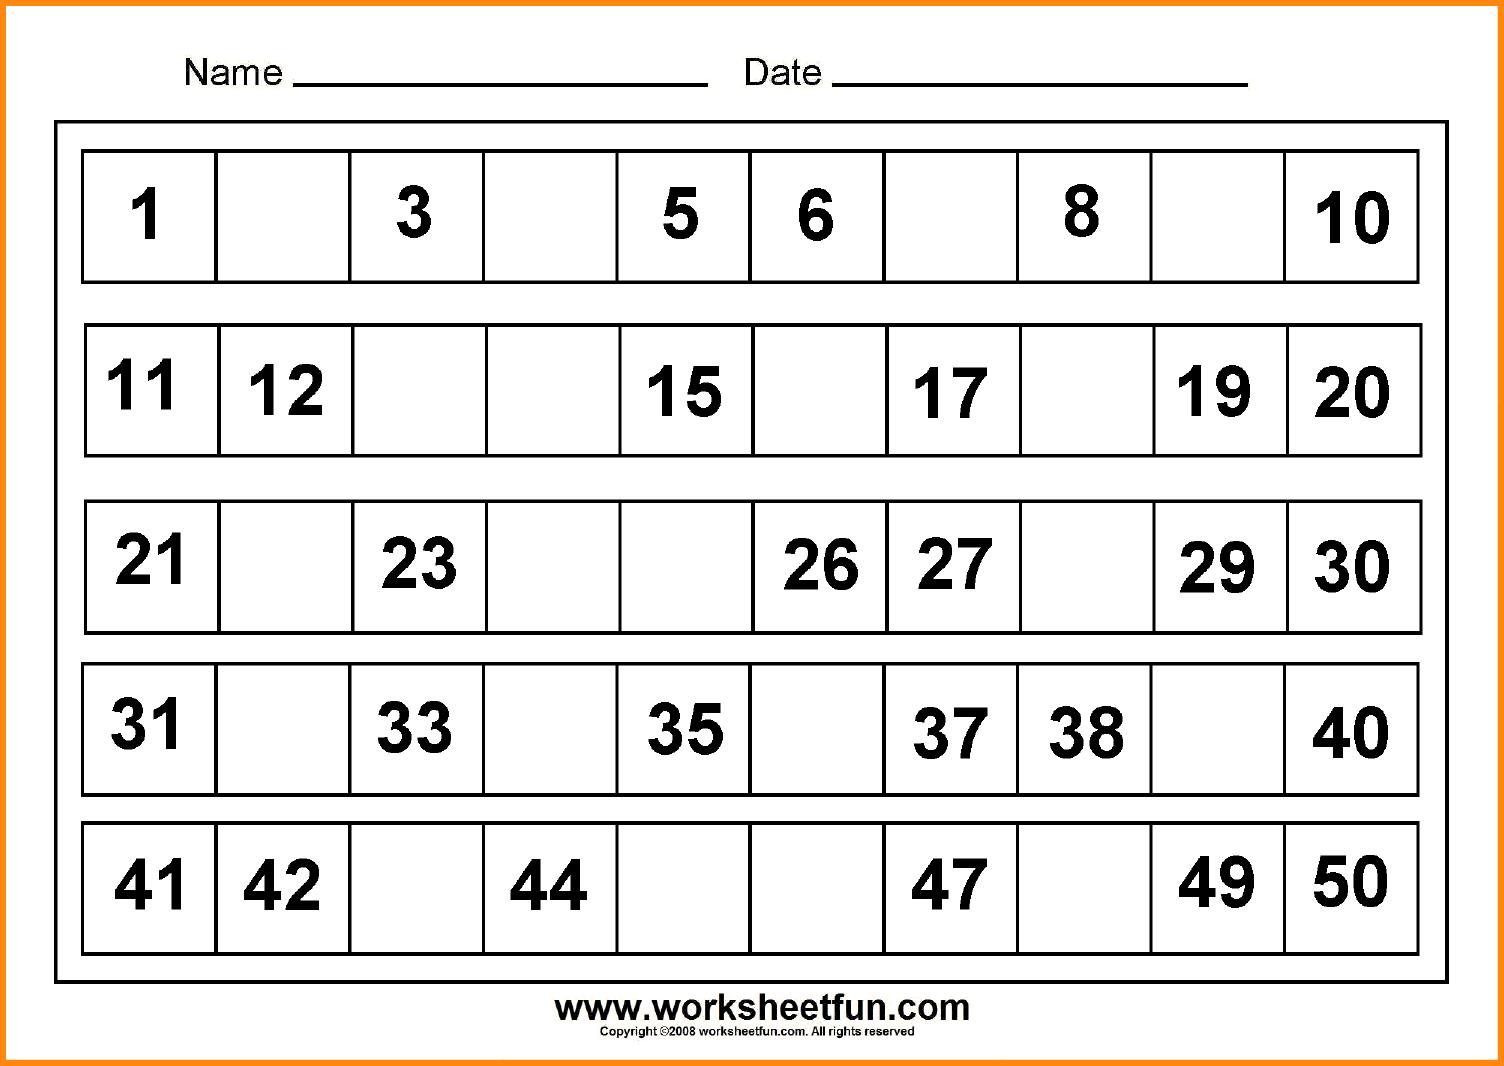 Missingers Worksheets For Kindergarten Worksheeter Addition 50 3